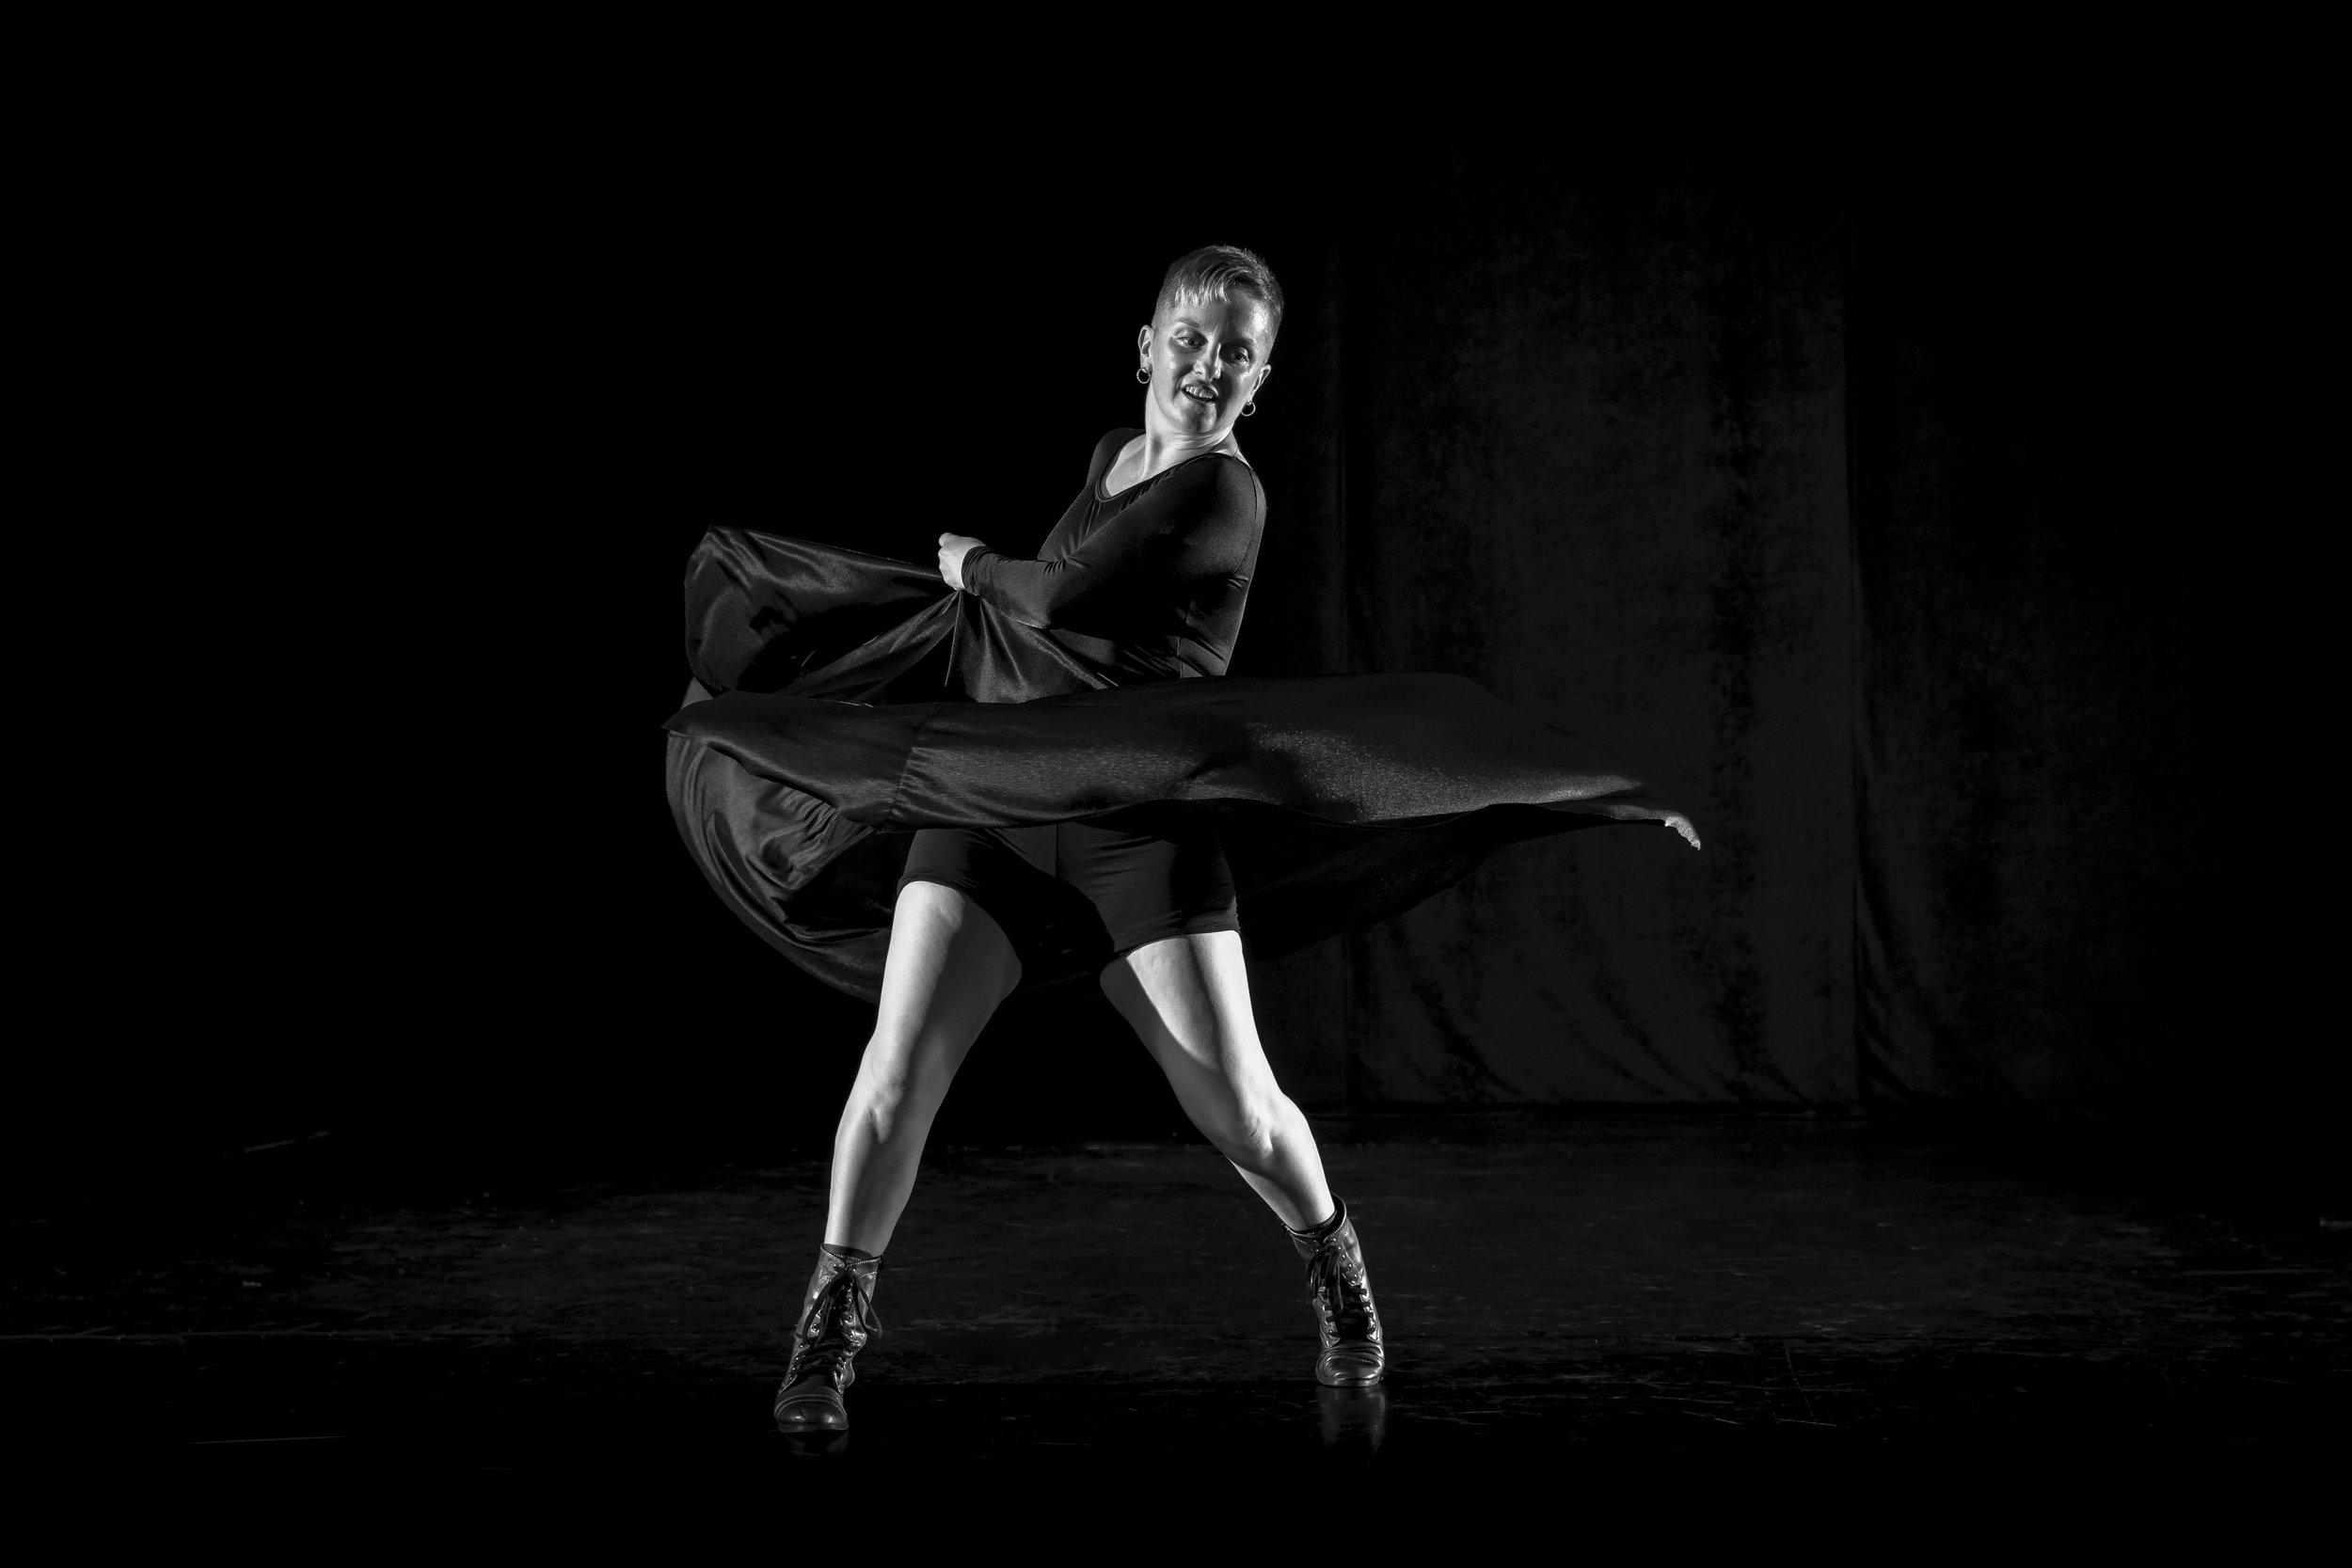 350 Dance 2019-07-09 sjp-2.jpg